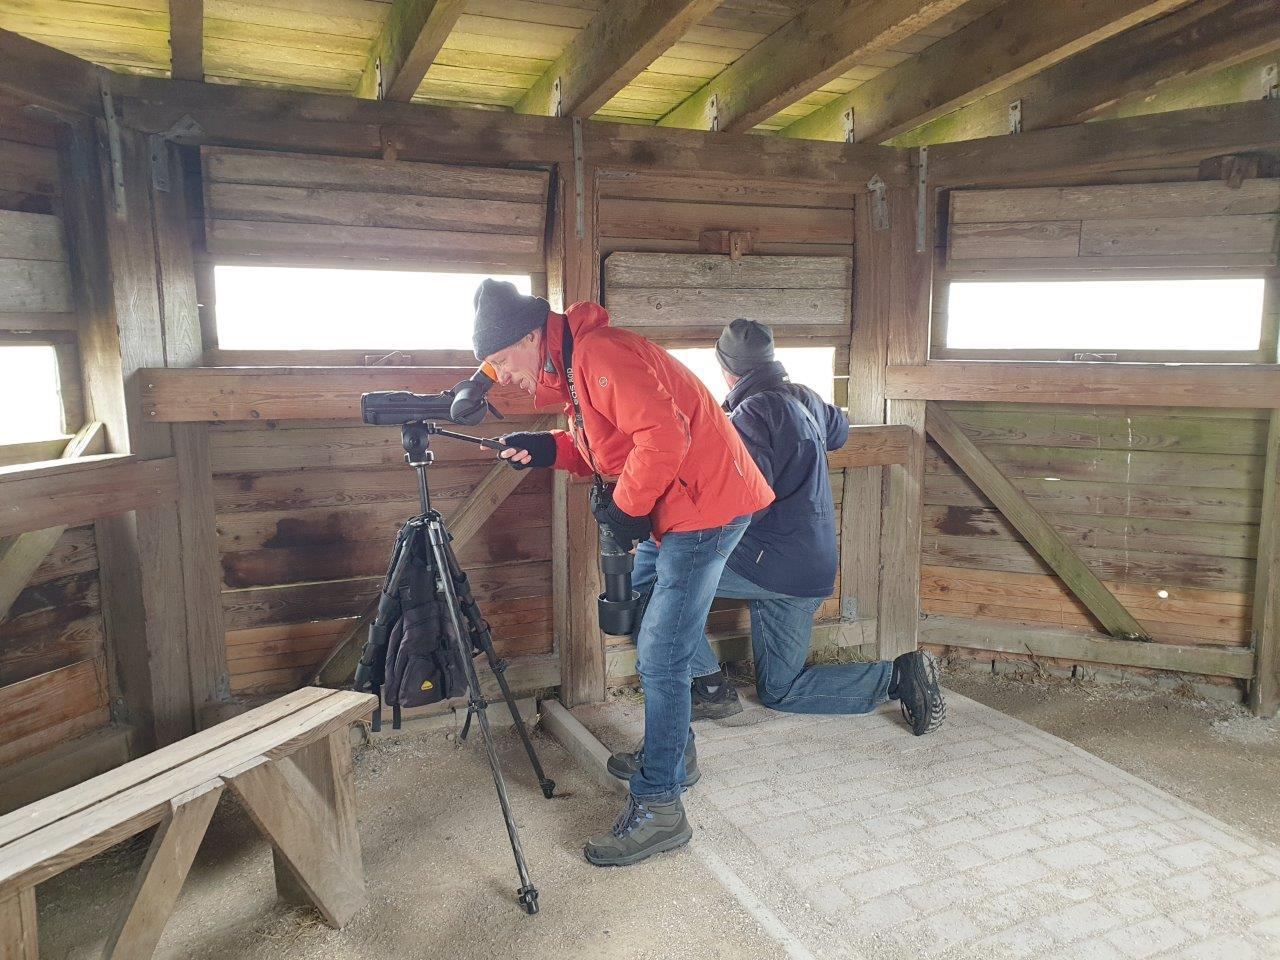 Vogelexcursie Broers in de hut